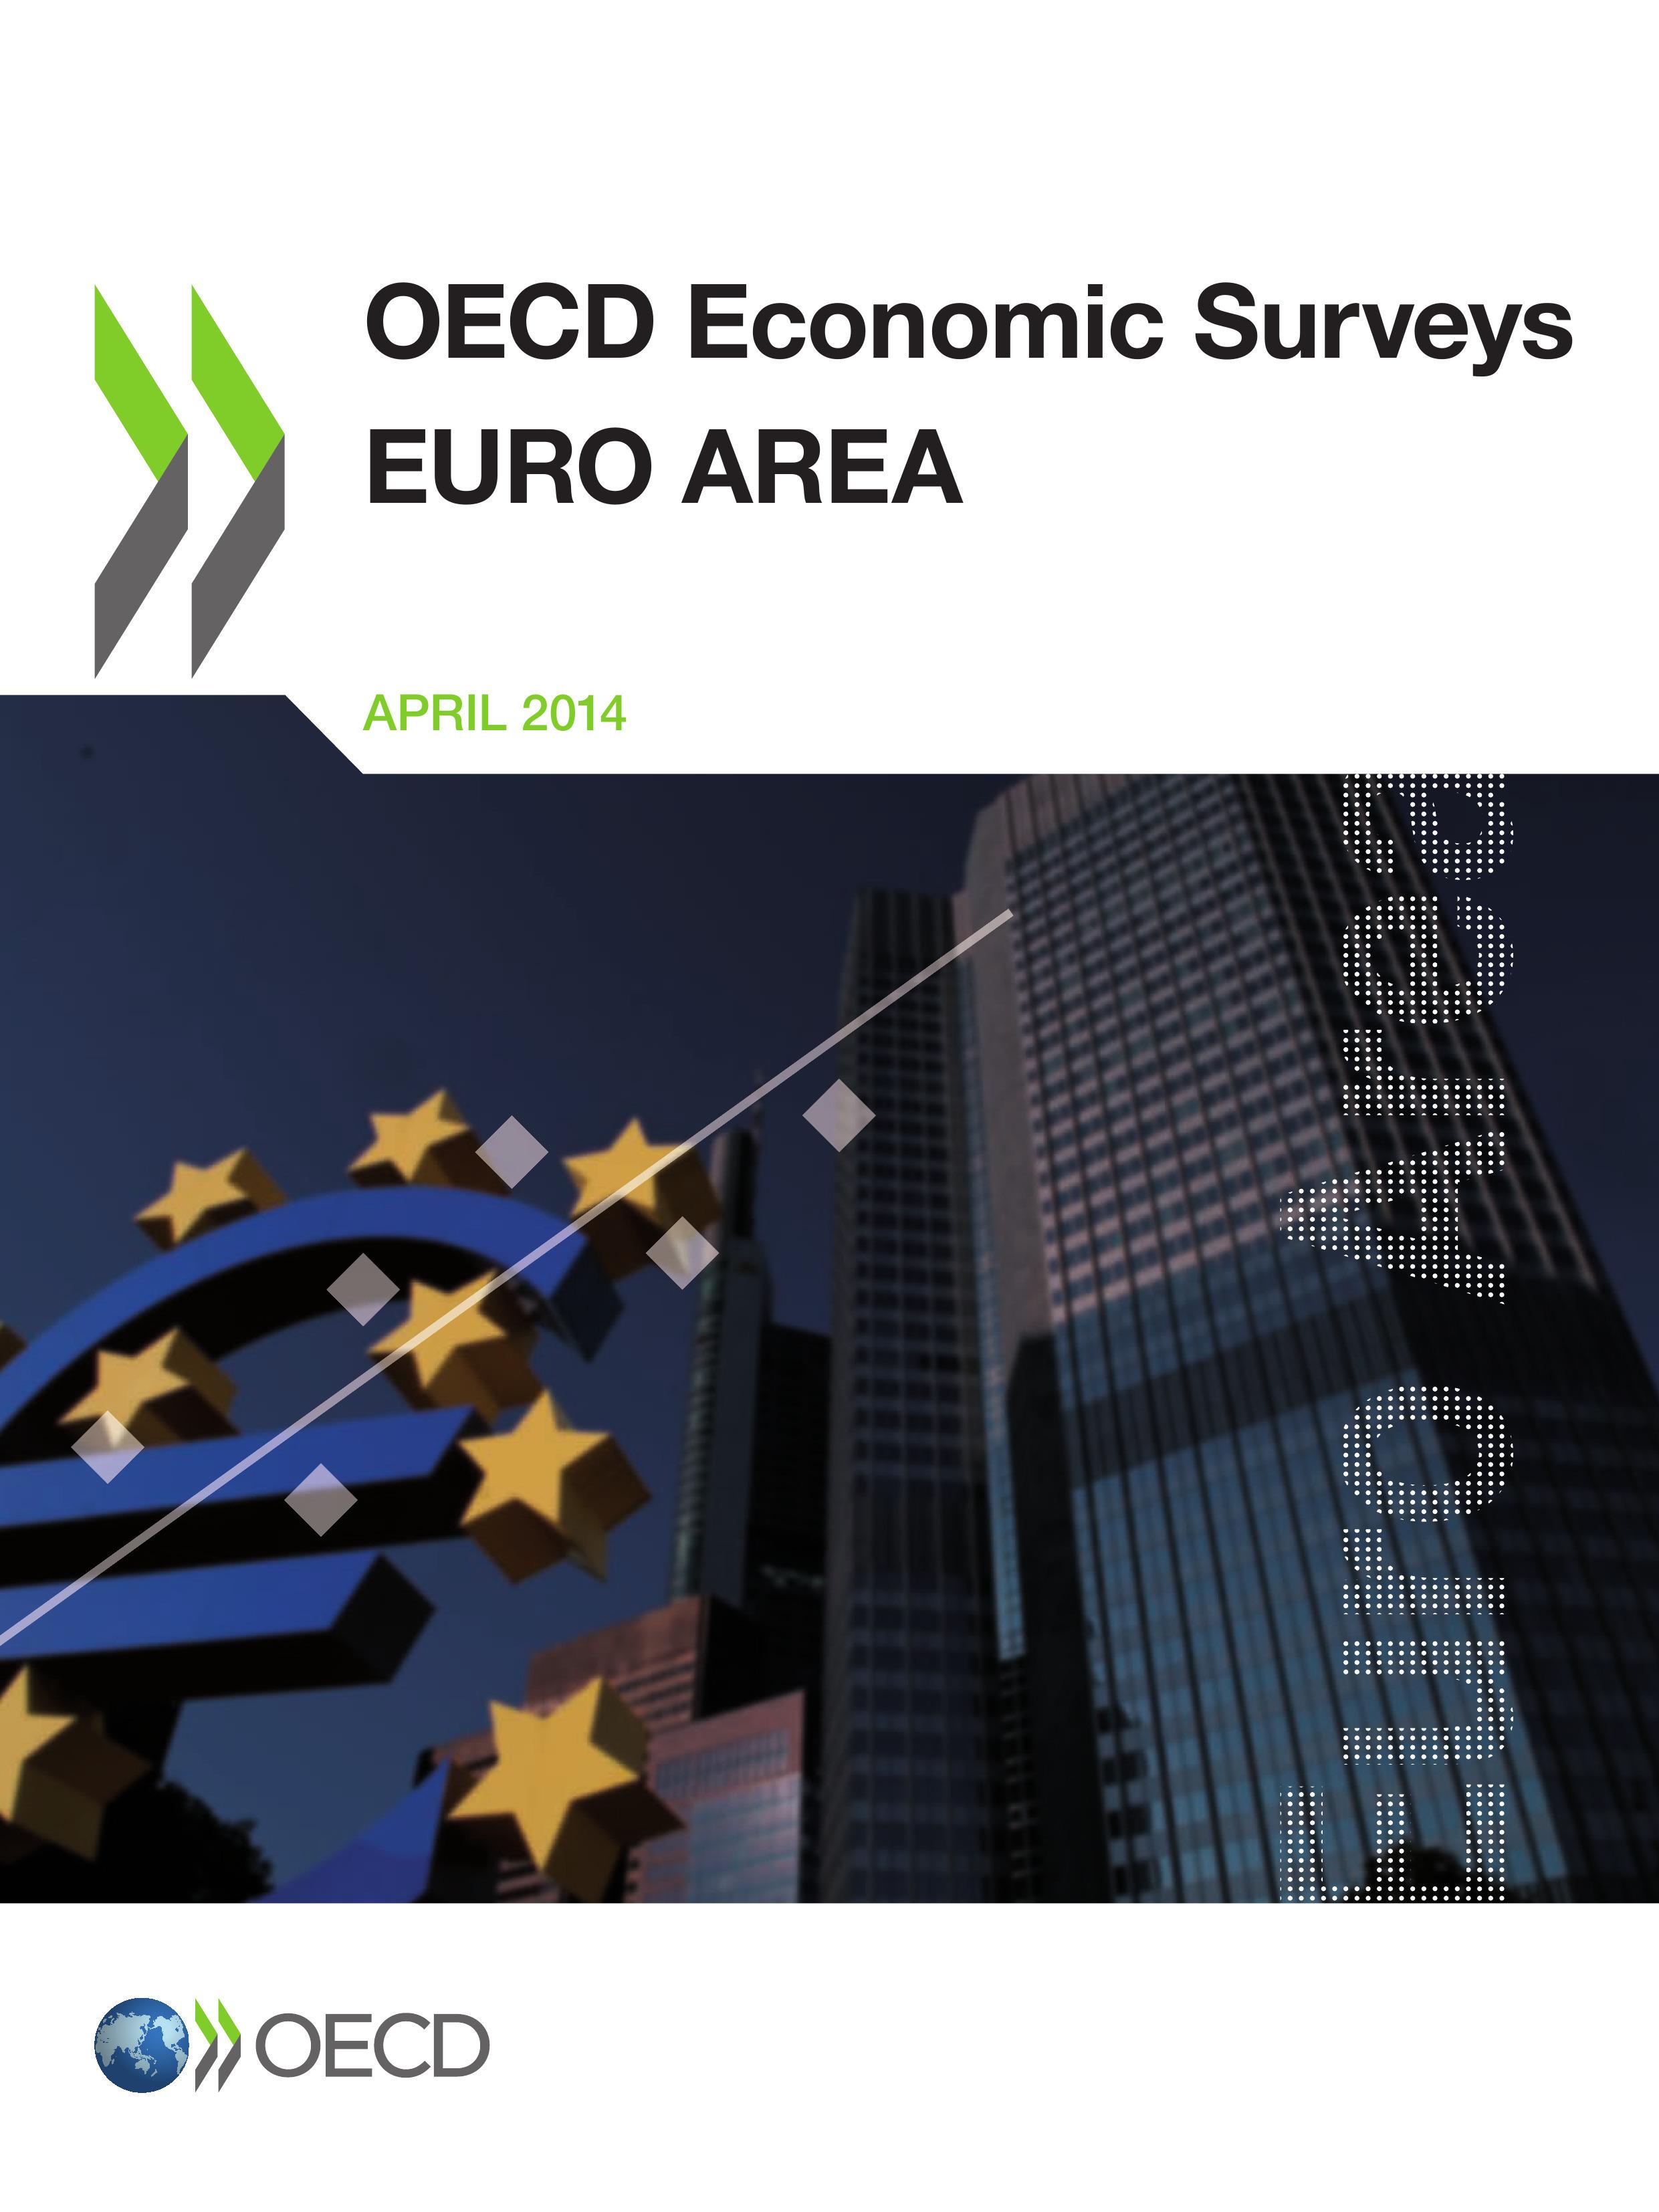 OECD Economic Surveys : Euro Area 2014